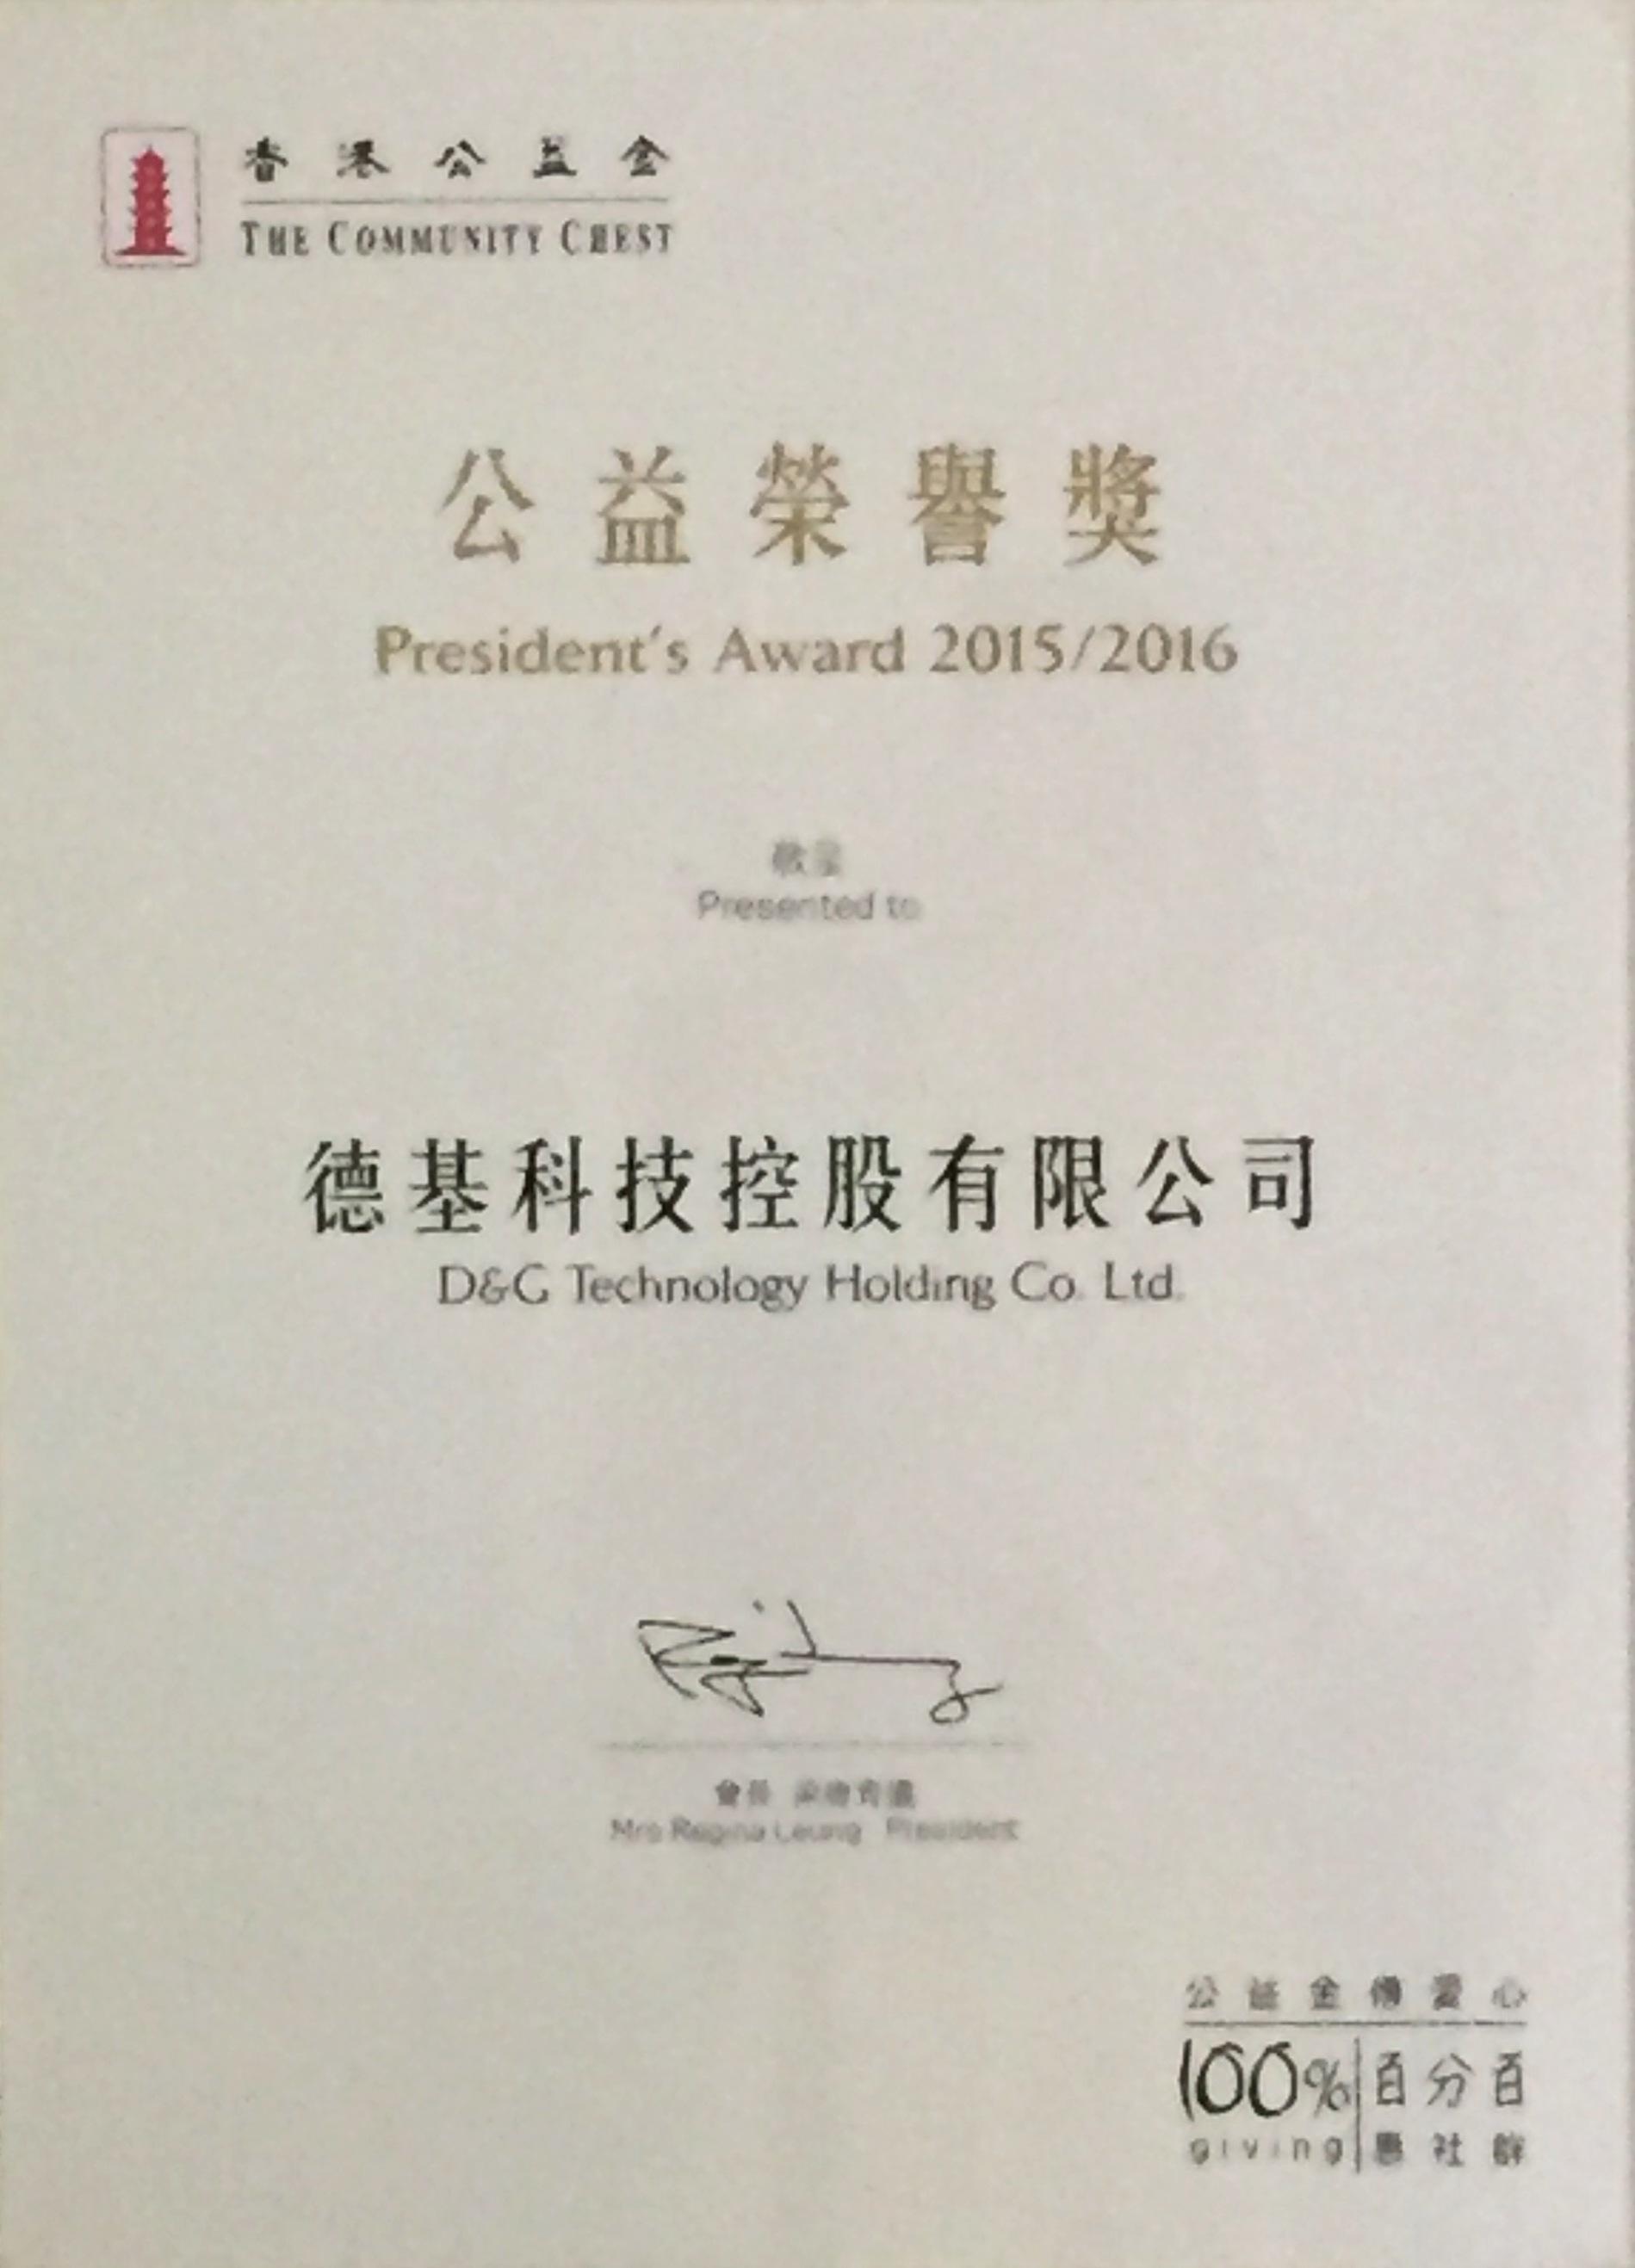 President's Awards 2015/2016